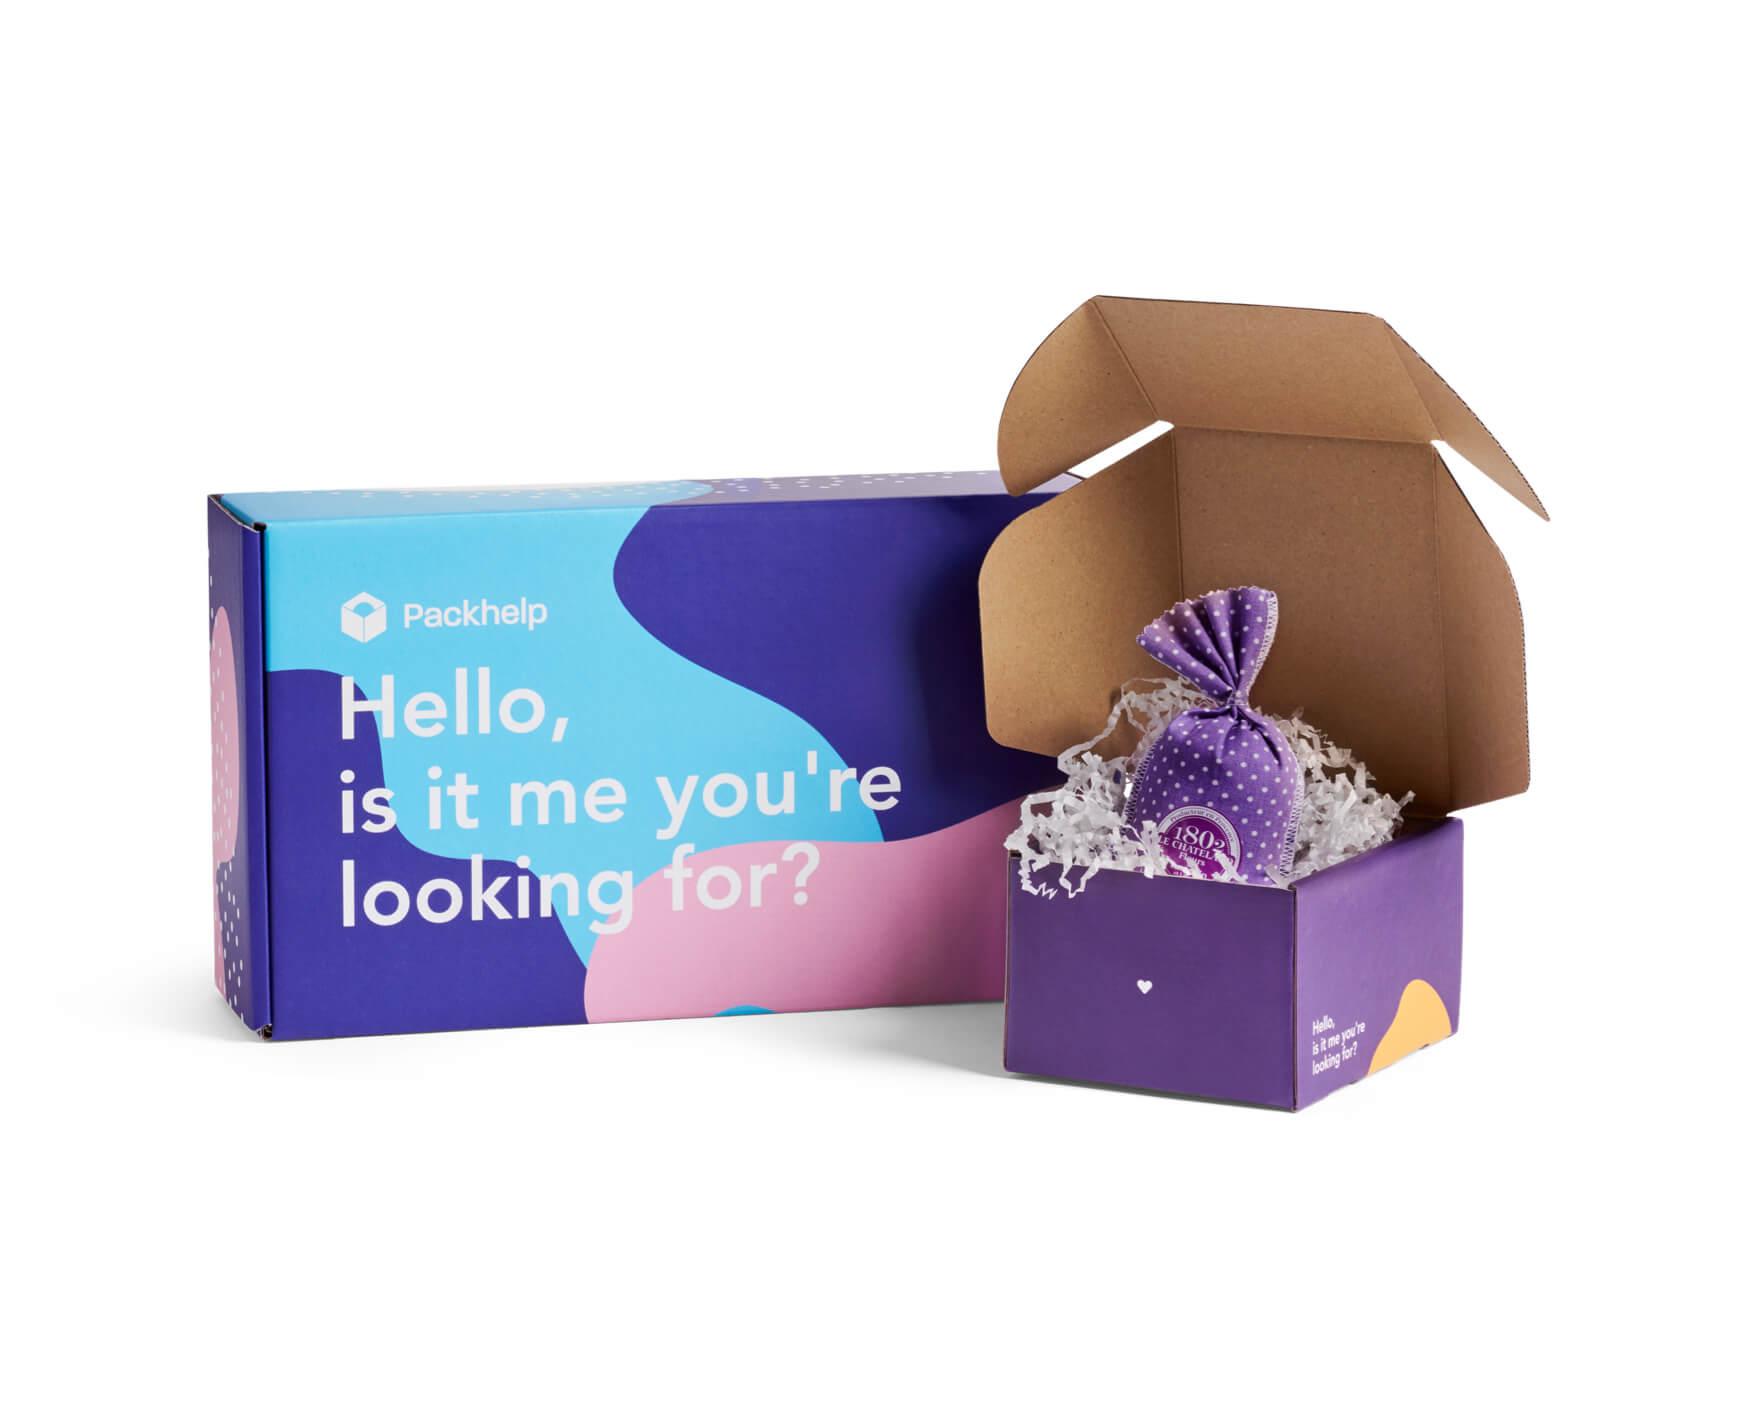 Cajas postales para enviar regalos y complementos